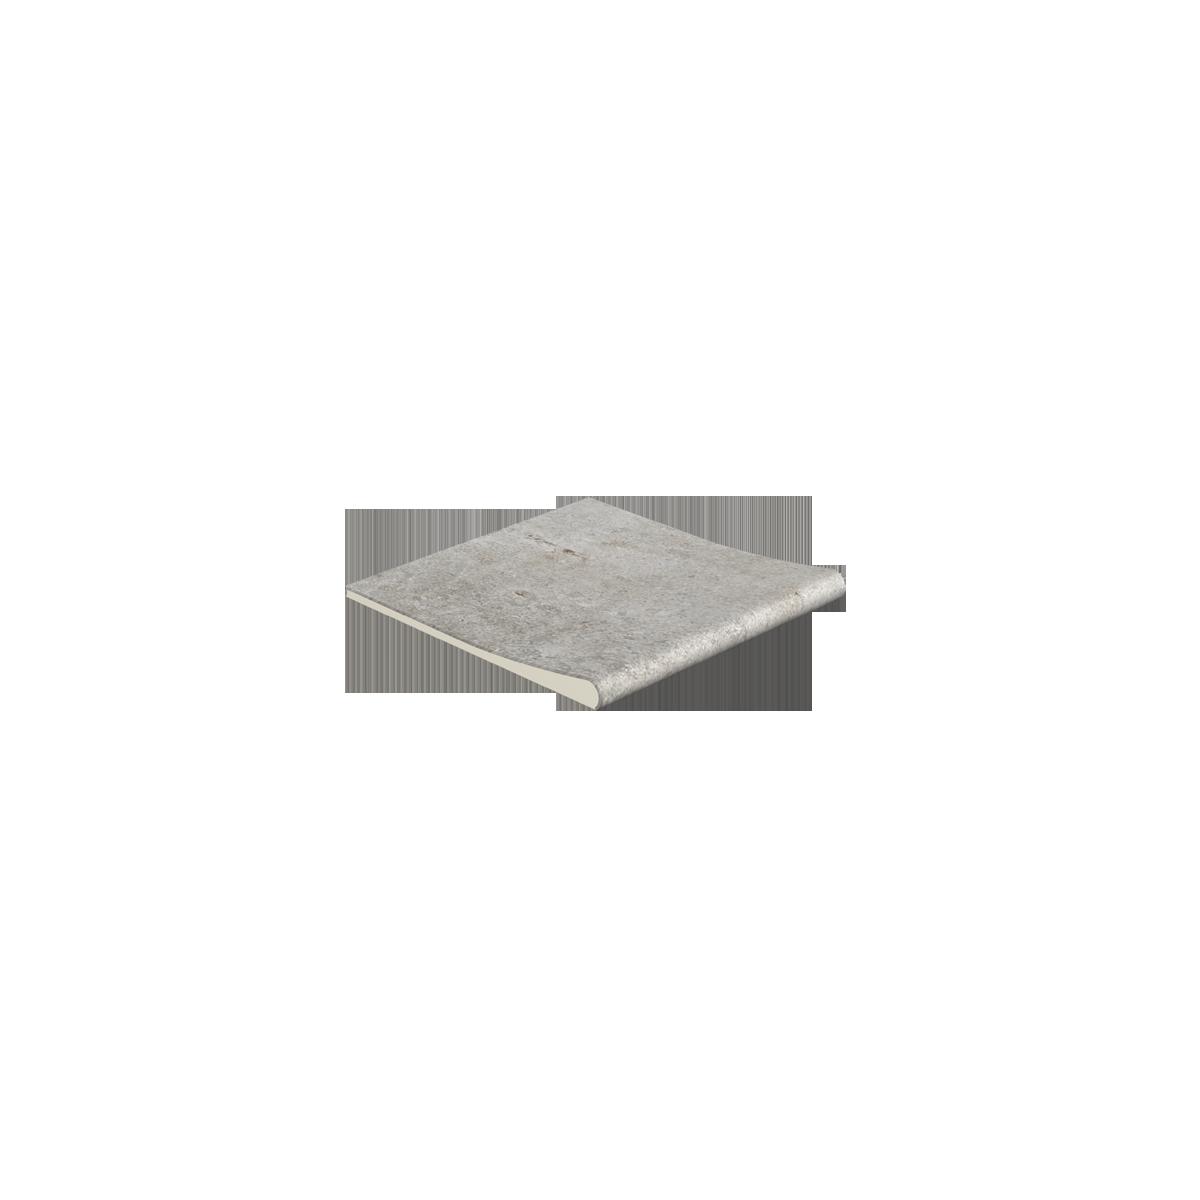 Borde piscina curvo Mistery Grey S31 31x31x2,6